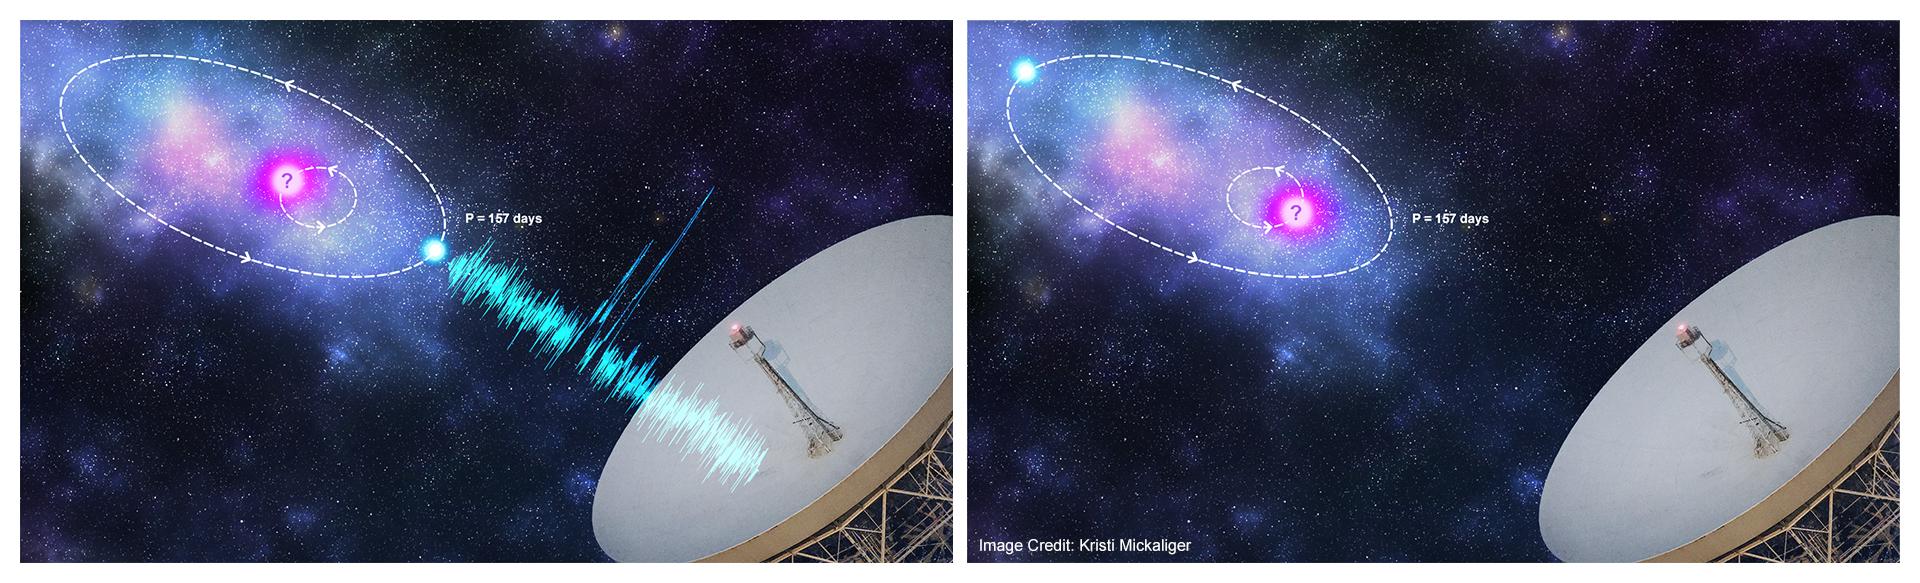 Recreación artística en la que se aprecia la fuente de las ráfagas rápidas de radio (FRB 121102) orbitando un objeto astrofísico desconocido (en rosa), que podría ser el origen de los ciclos de 157 días observados en sus pulsos. Crédito: Kristi Mickaliger.